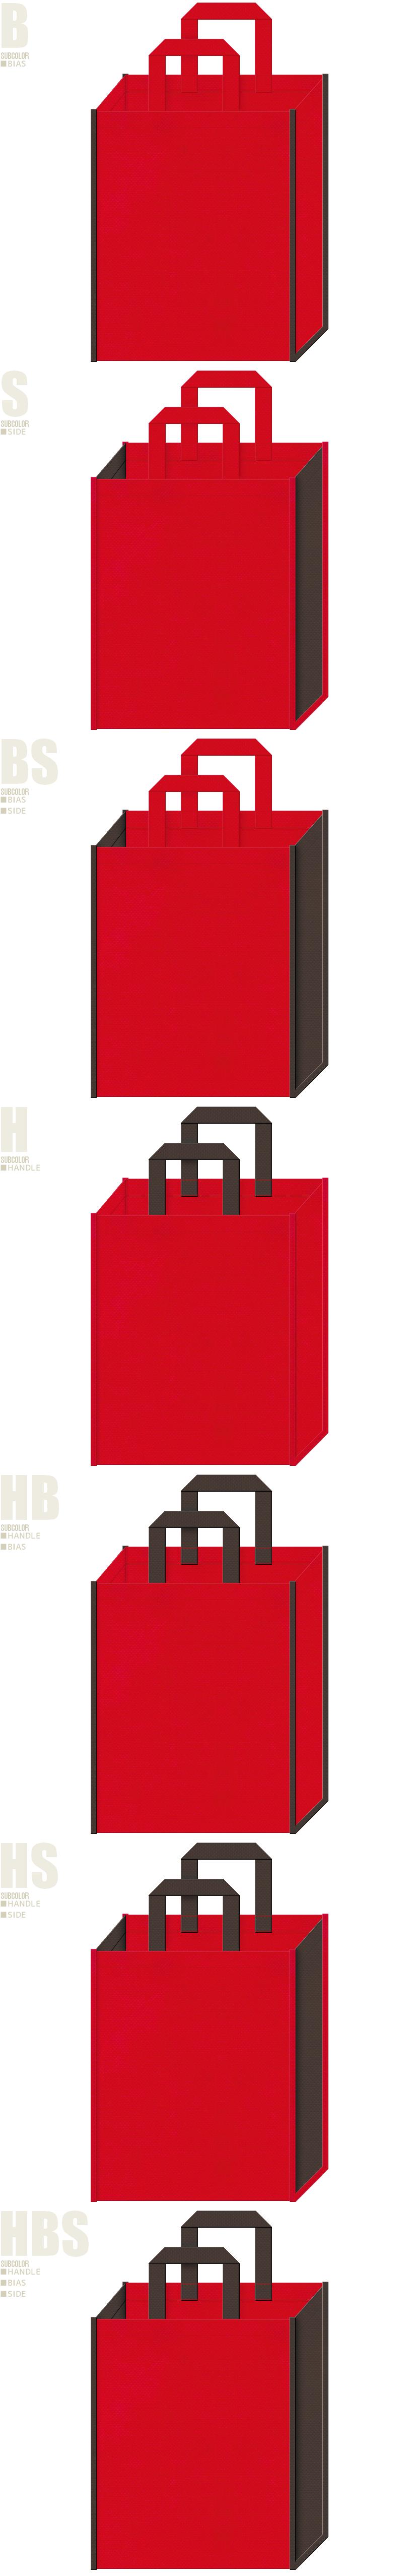 暖炉・ストーブ・暖房器具・トナカイ・クリスマス・野点傘・和傘・茶会・お祭り・和風催事にお奨めの不織布バッグデザイン:紅色とこげ茶色の配色7パターン